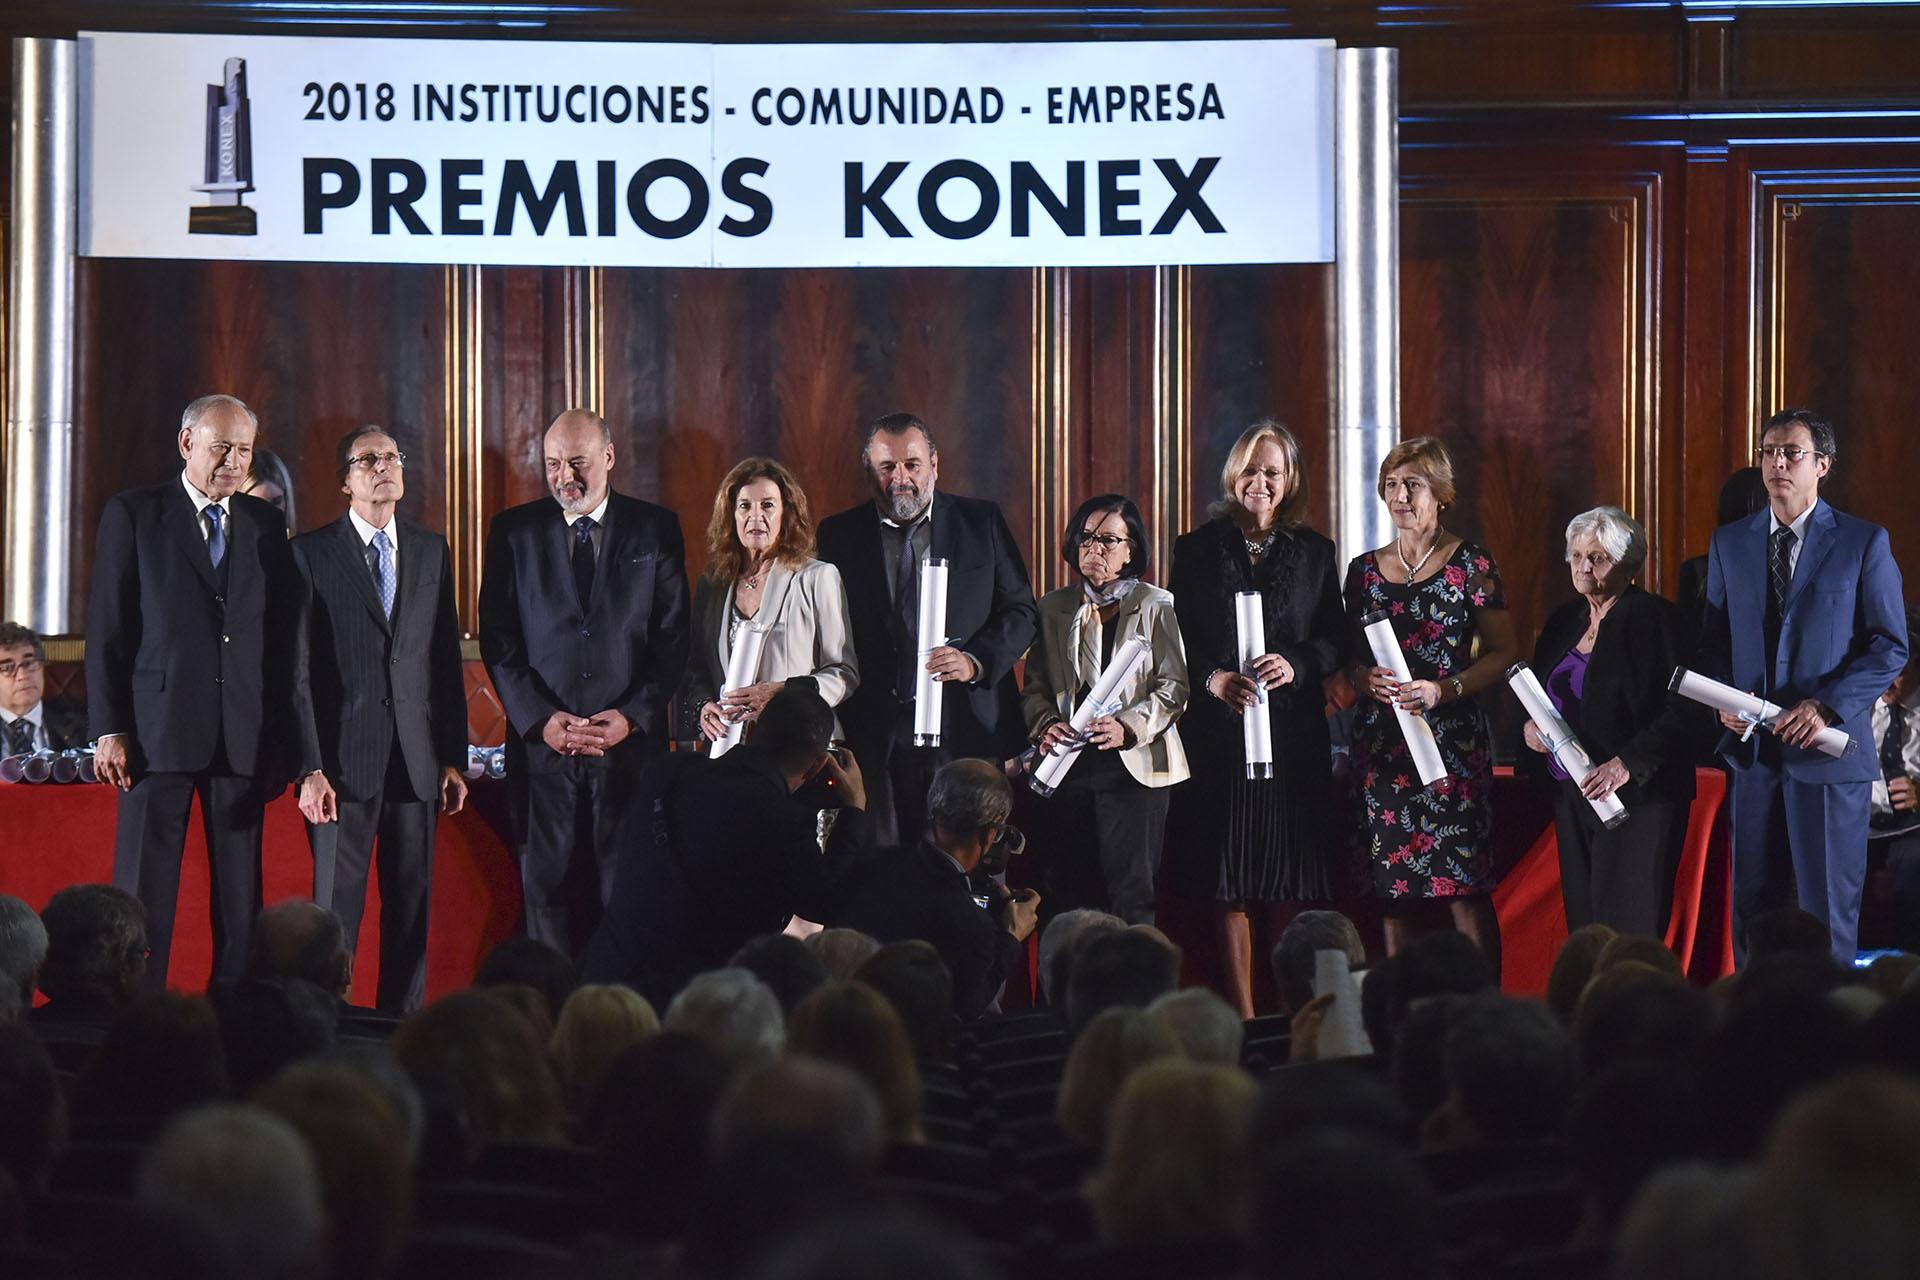 Magistrados: José María Campagnoli, Horacio Cattani, Graciela Aída González, Hilda Kogan, María José Sarmiento, Carmen Argibay (Post Mortem) y Julio César Strassera (Post Mortem)